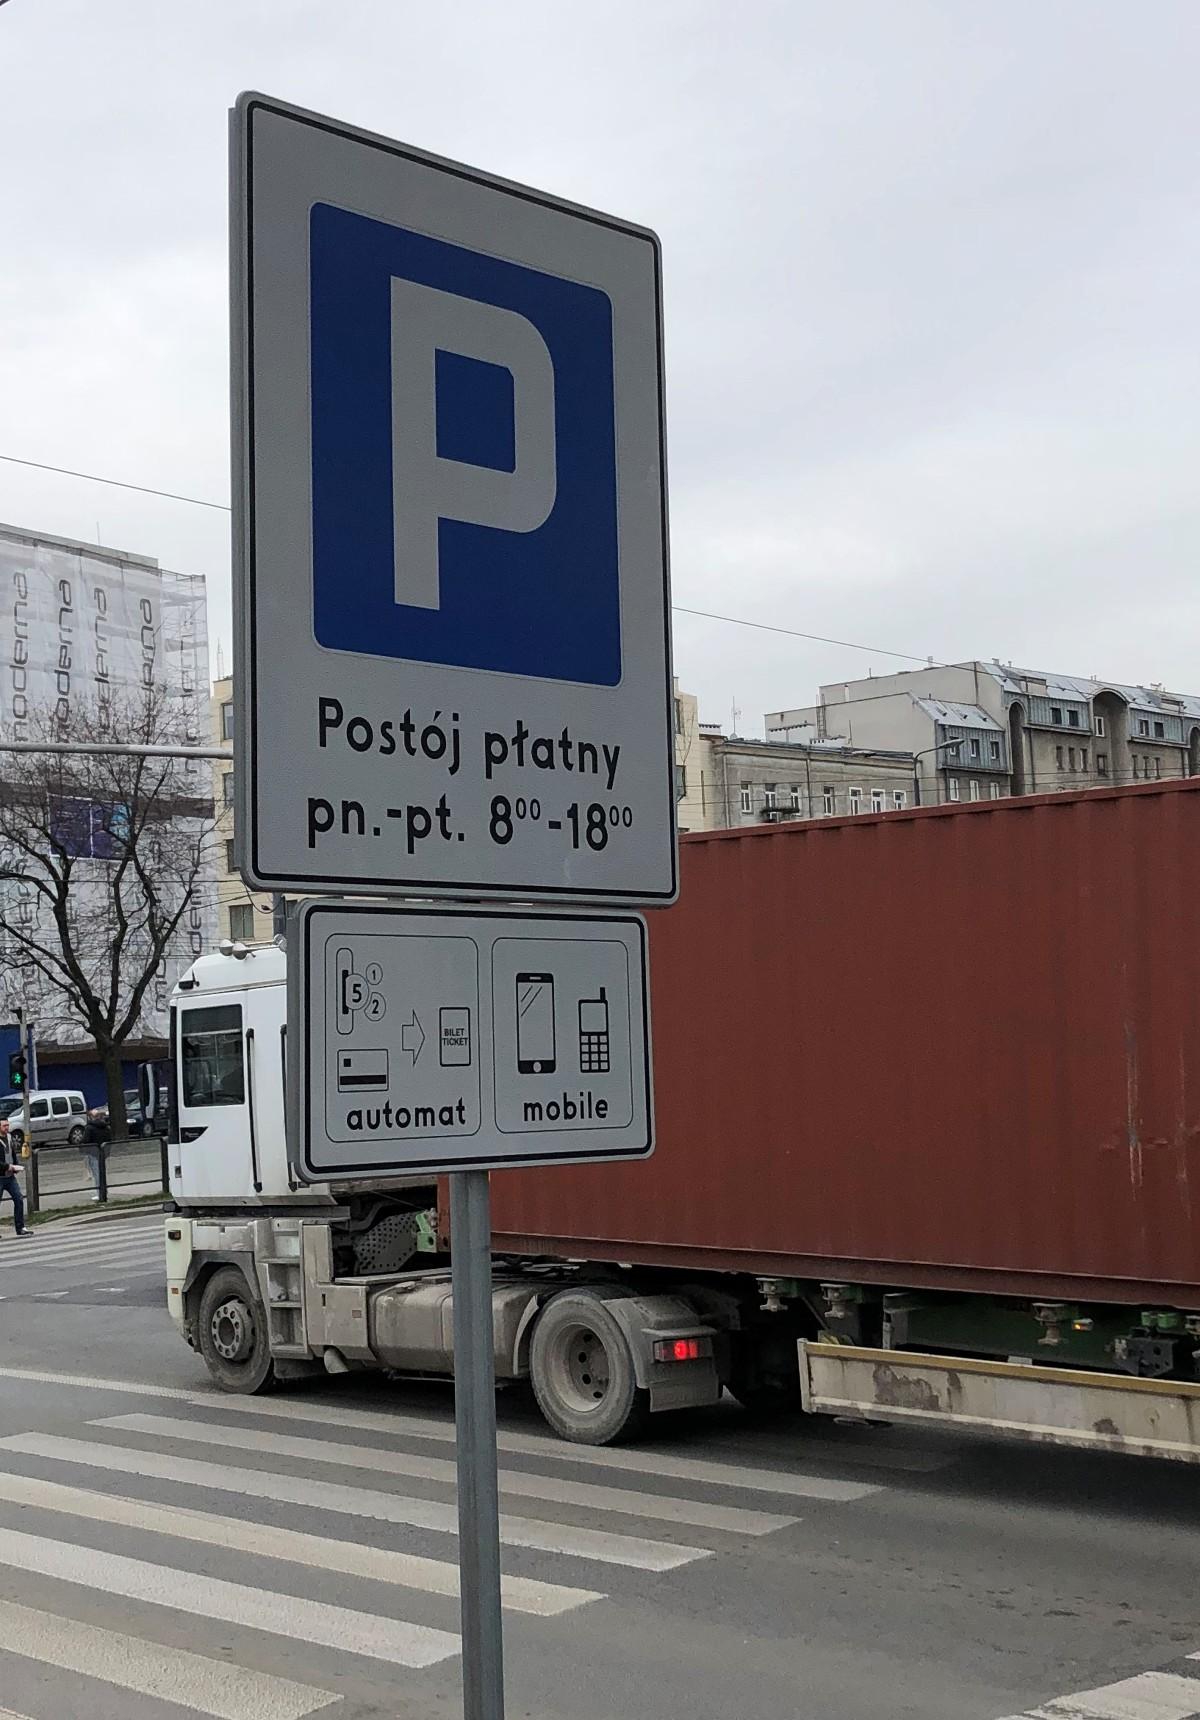 Służby epidemiologiczne zachęcają, a zdrowy rozsądek podpowiada, by w ramach możliwości korzystać z dojazdów własnym samochodem, a nie komunikacją miejską. Jednak w centach dużych miast są strefy płatnego parkowania, a całodzienne pozostawienie pojazdu może zrujnować kieszeń. Część samorządów podjęła decyzję o zawieszeniu opłat, inne uważają, że to nierozsądne rozwiązanie.  Fot. Paweł Piątek